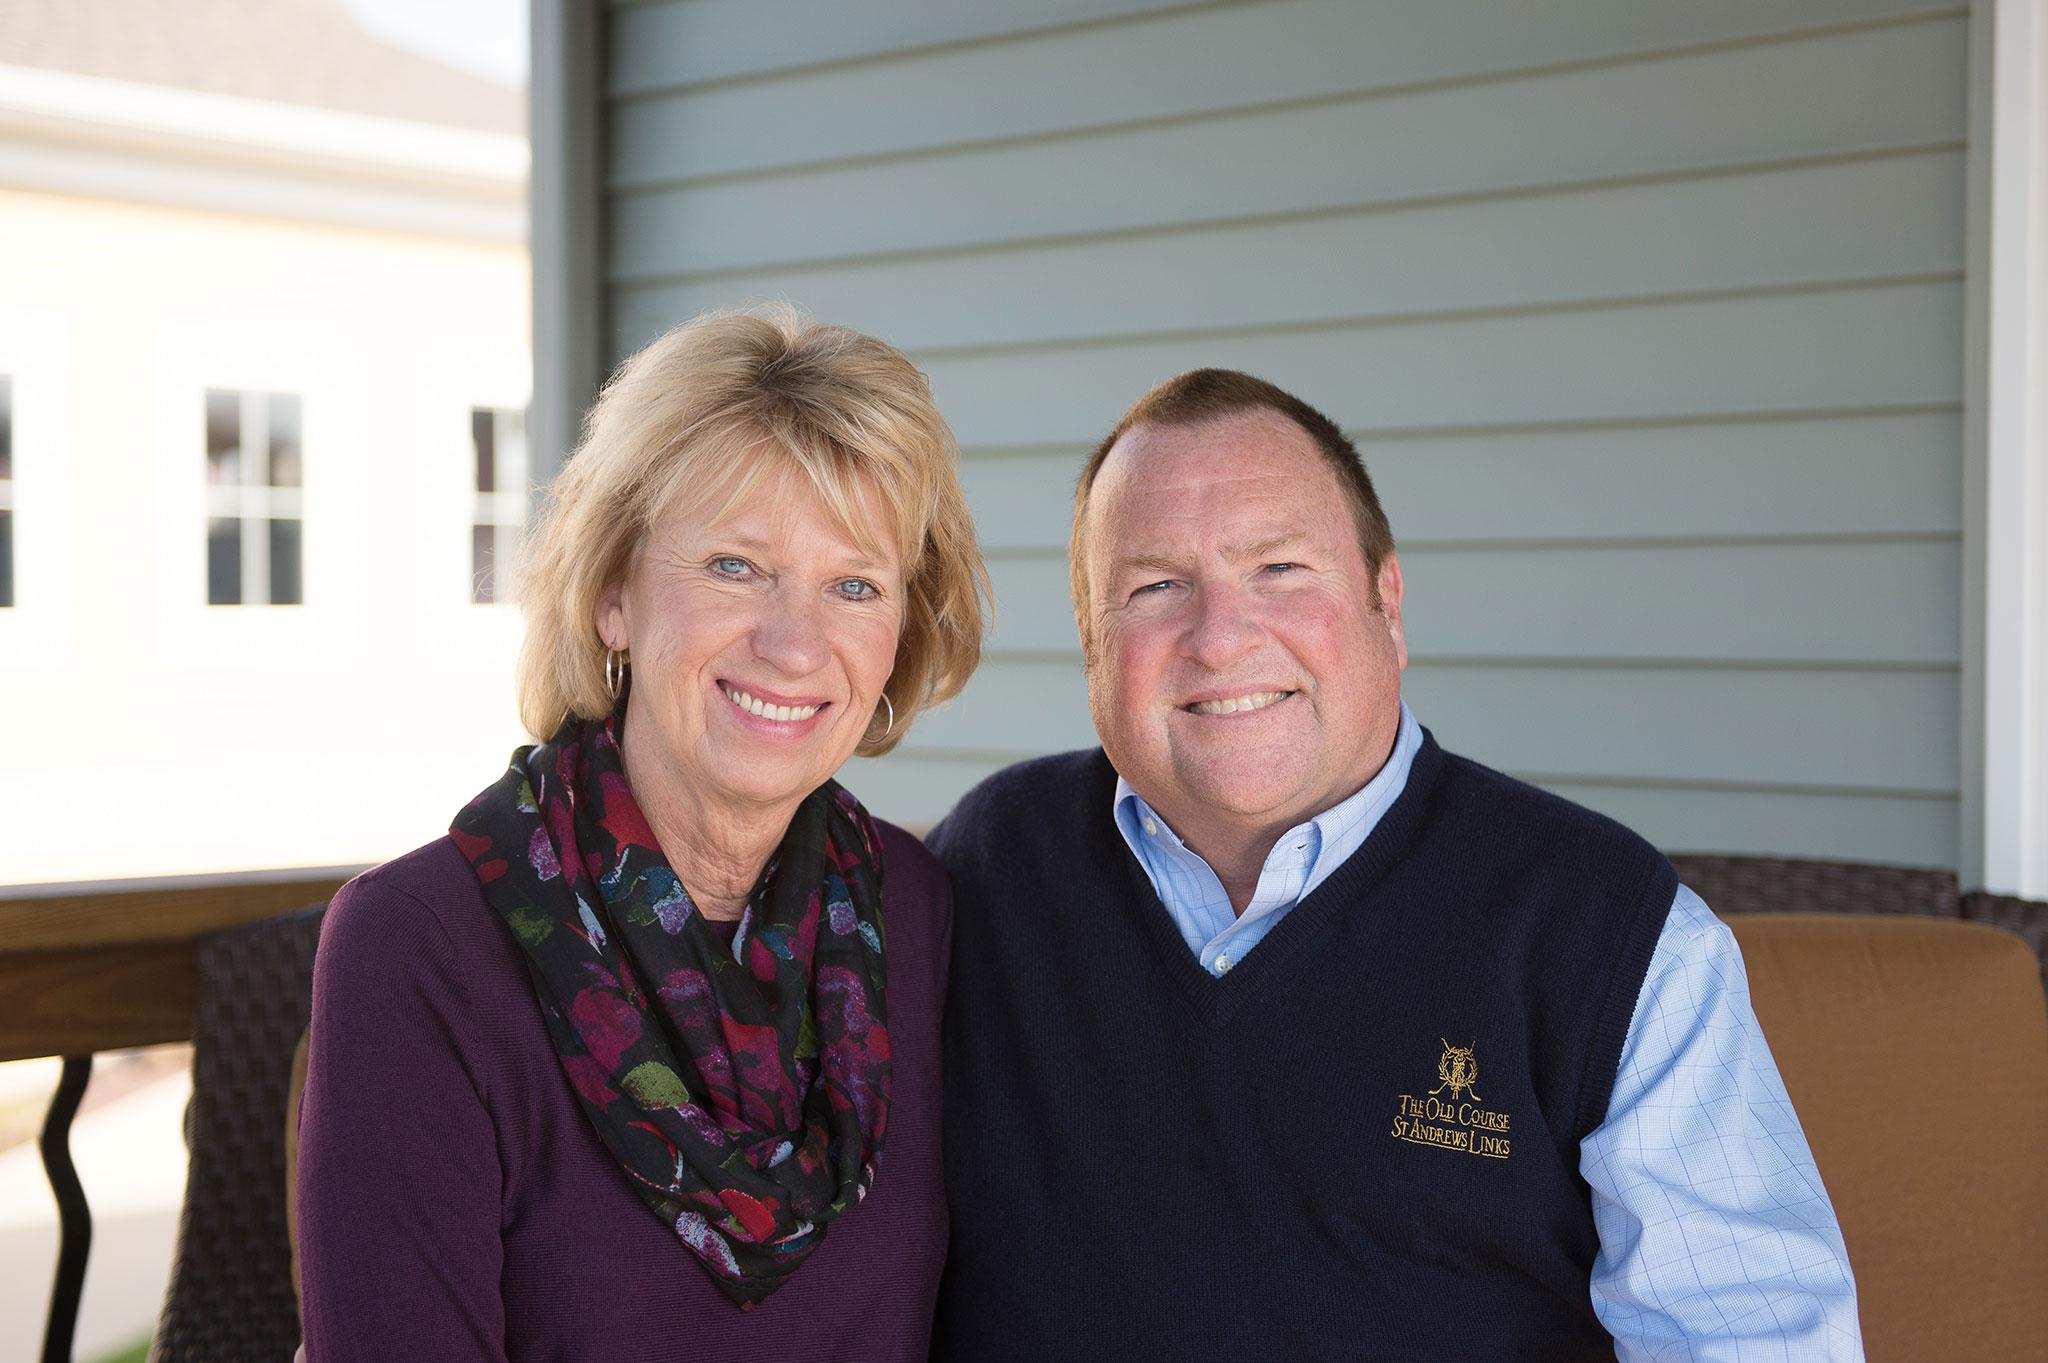 Brian and Diane Karsten